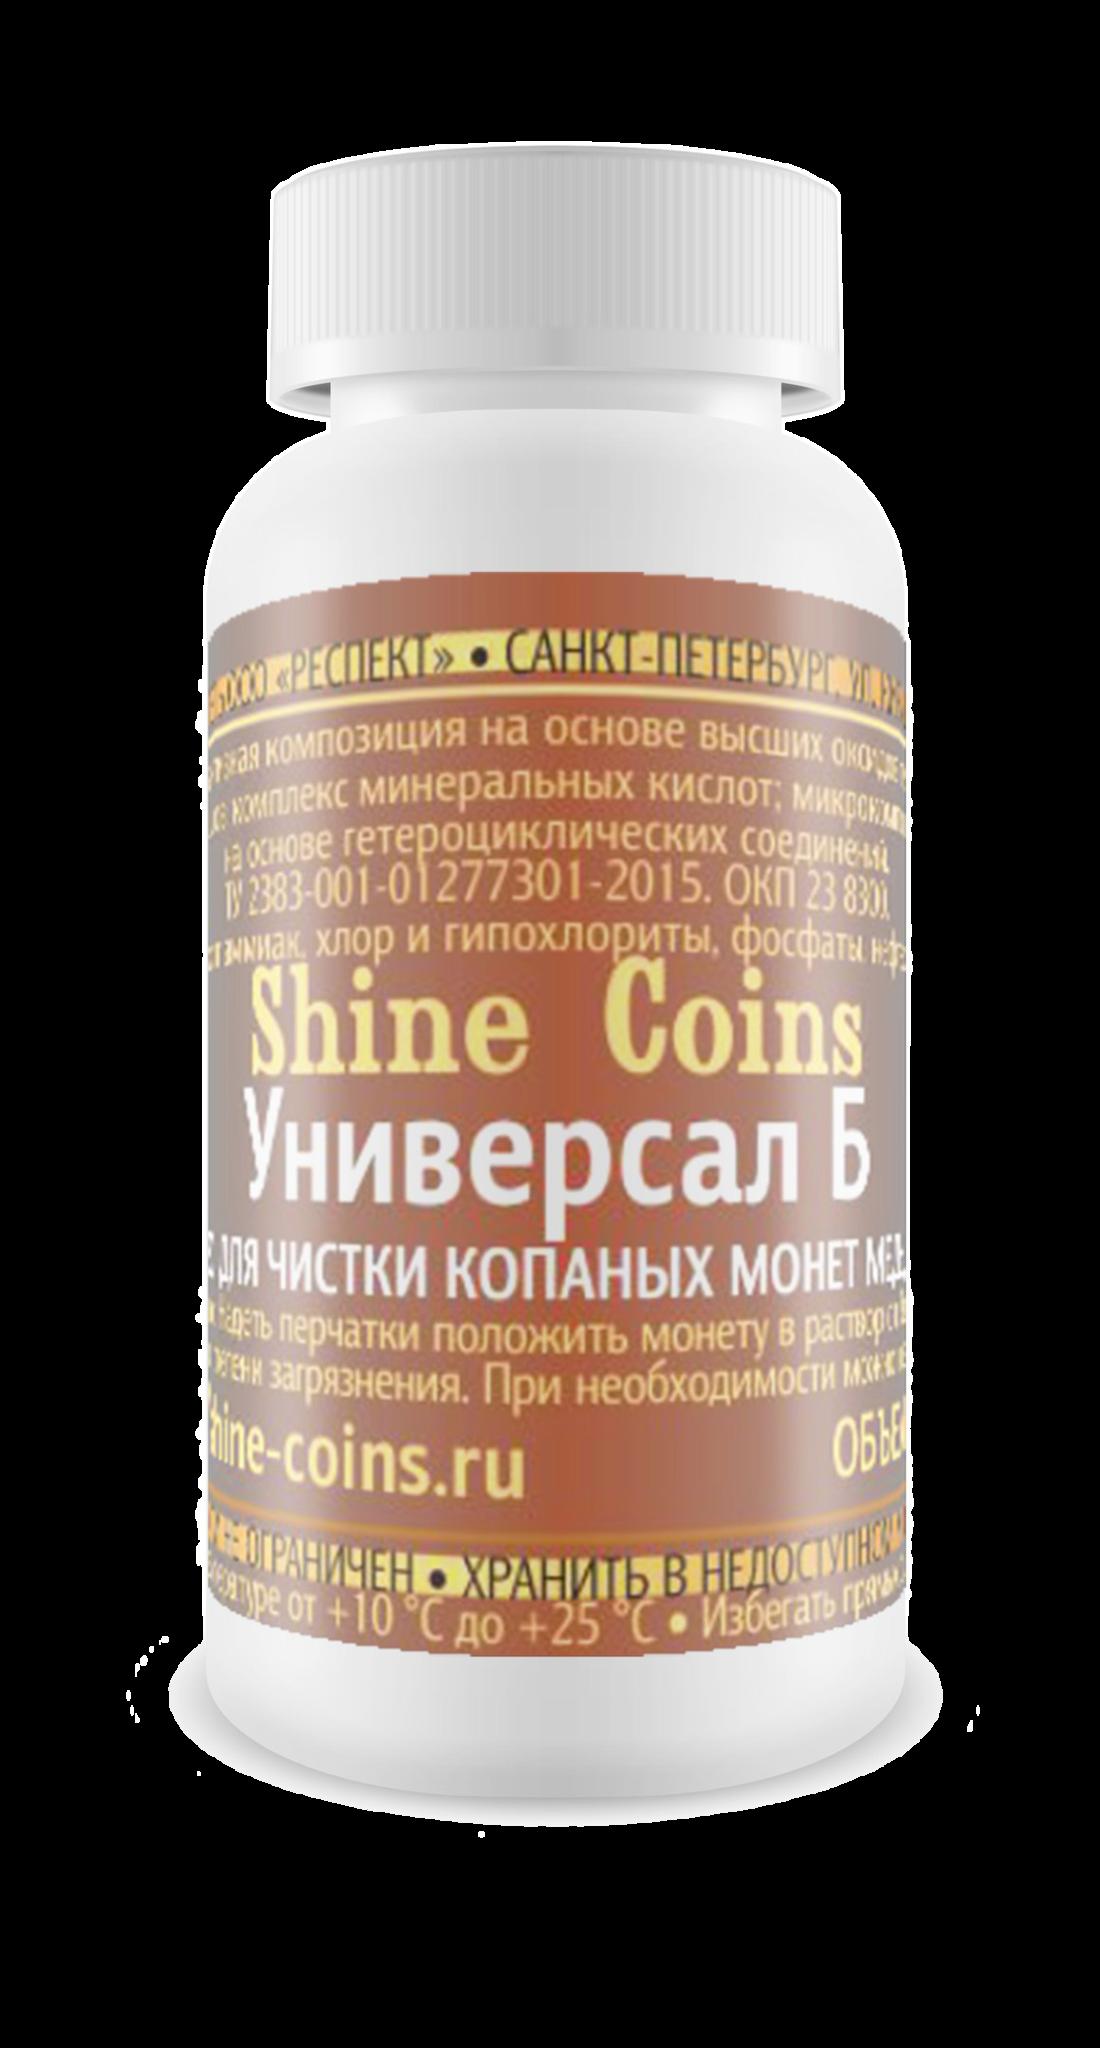 Универсал Б. Средство для чистки медных и никелевых копаных монет